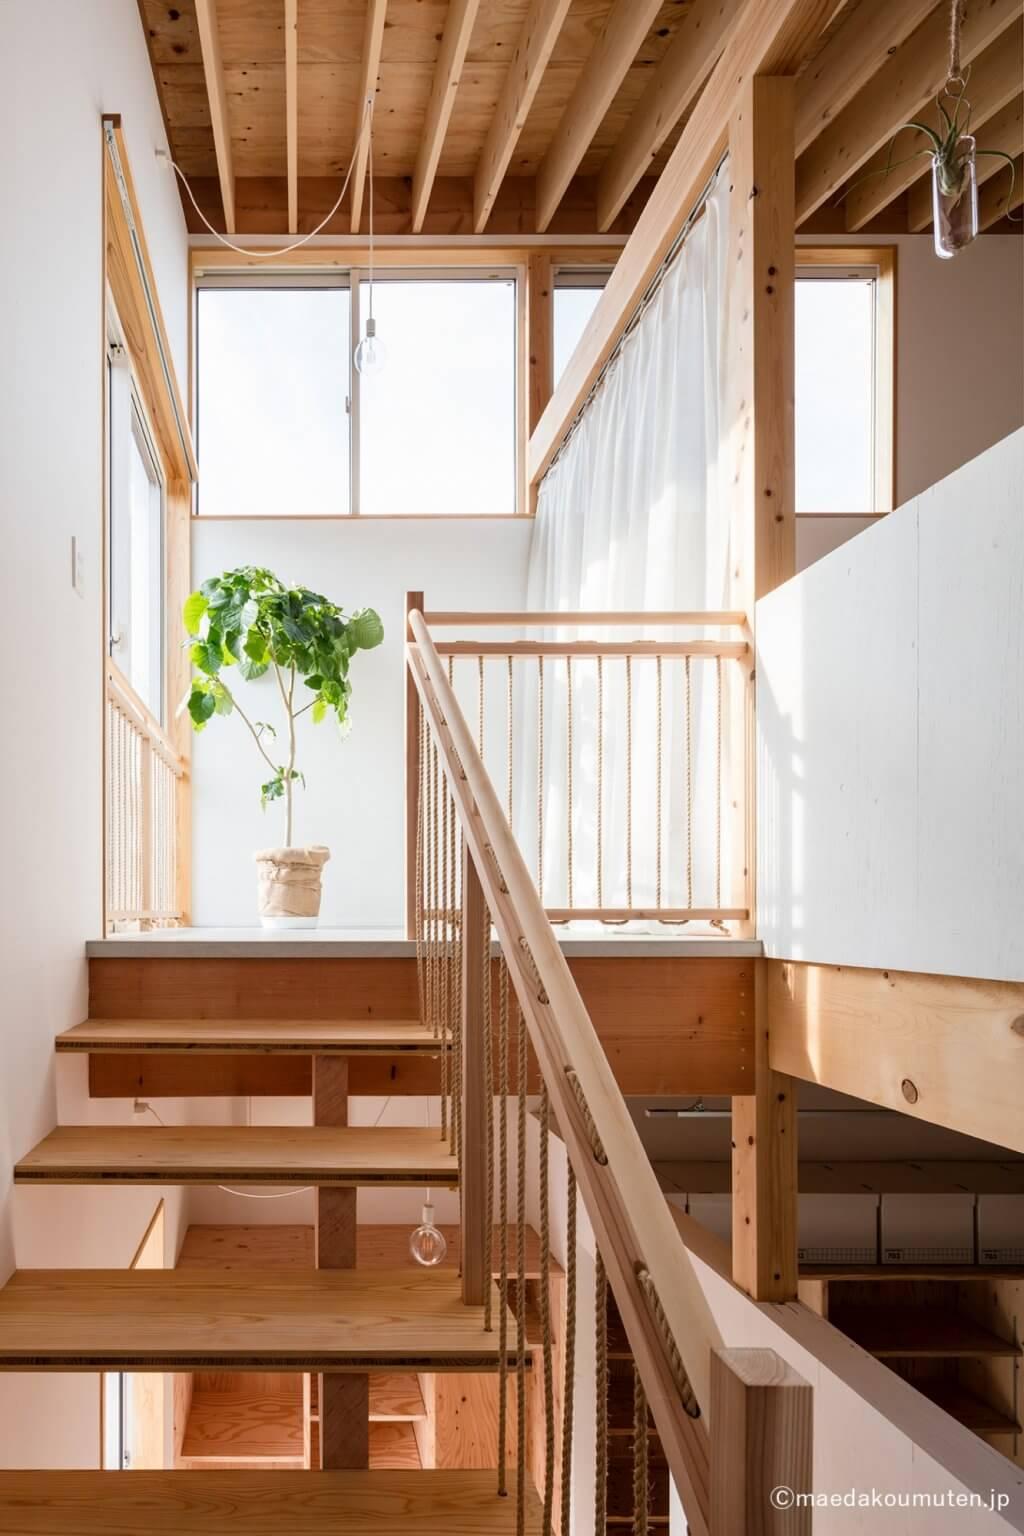 神奈川、工務店、注文住宅、デザイン住宅、建築家、今井西町の家、17